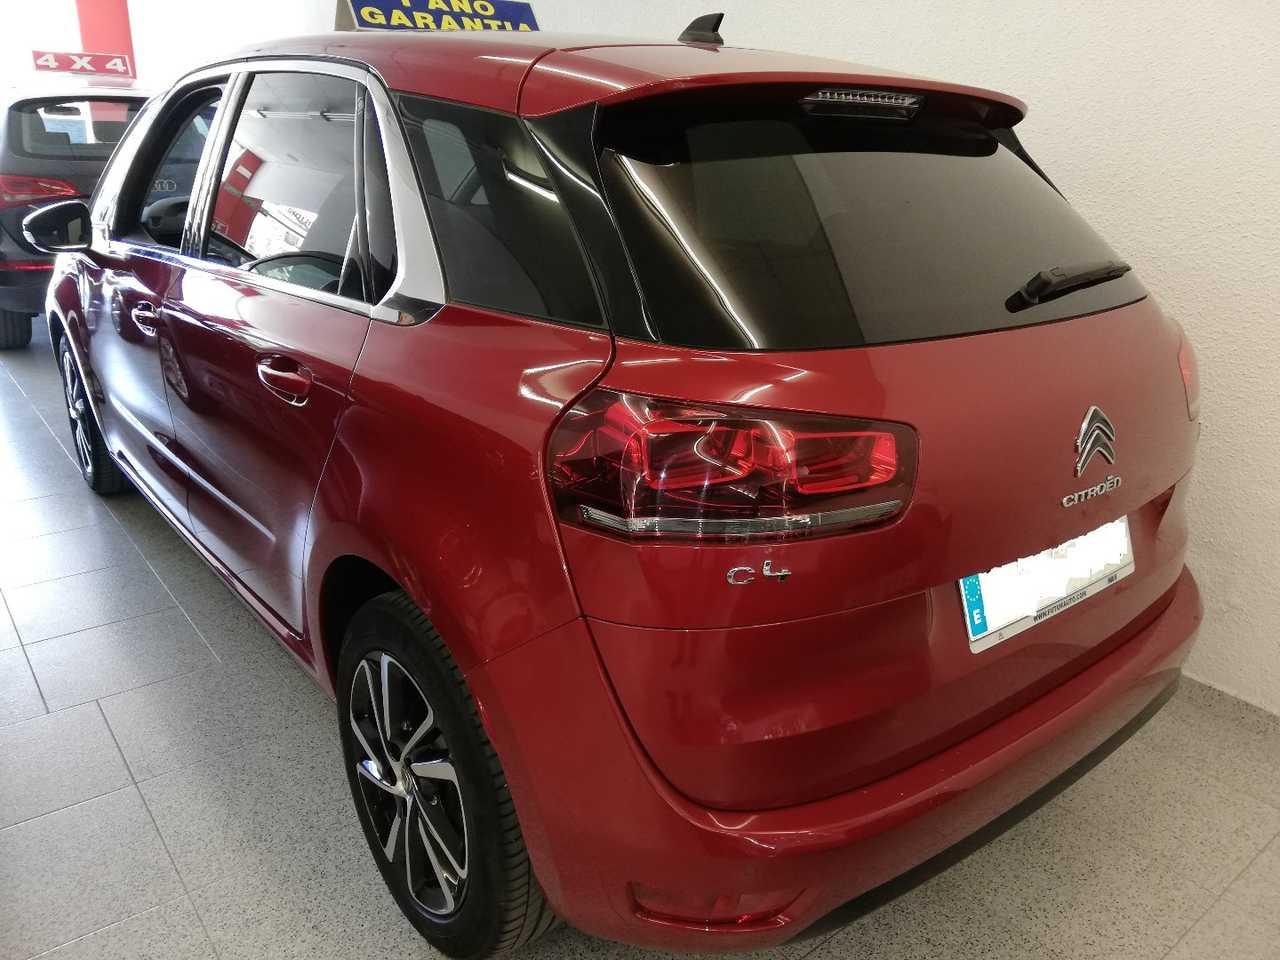 Citroën C4 Picasso picasso hdi   - Foto 1